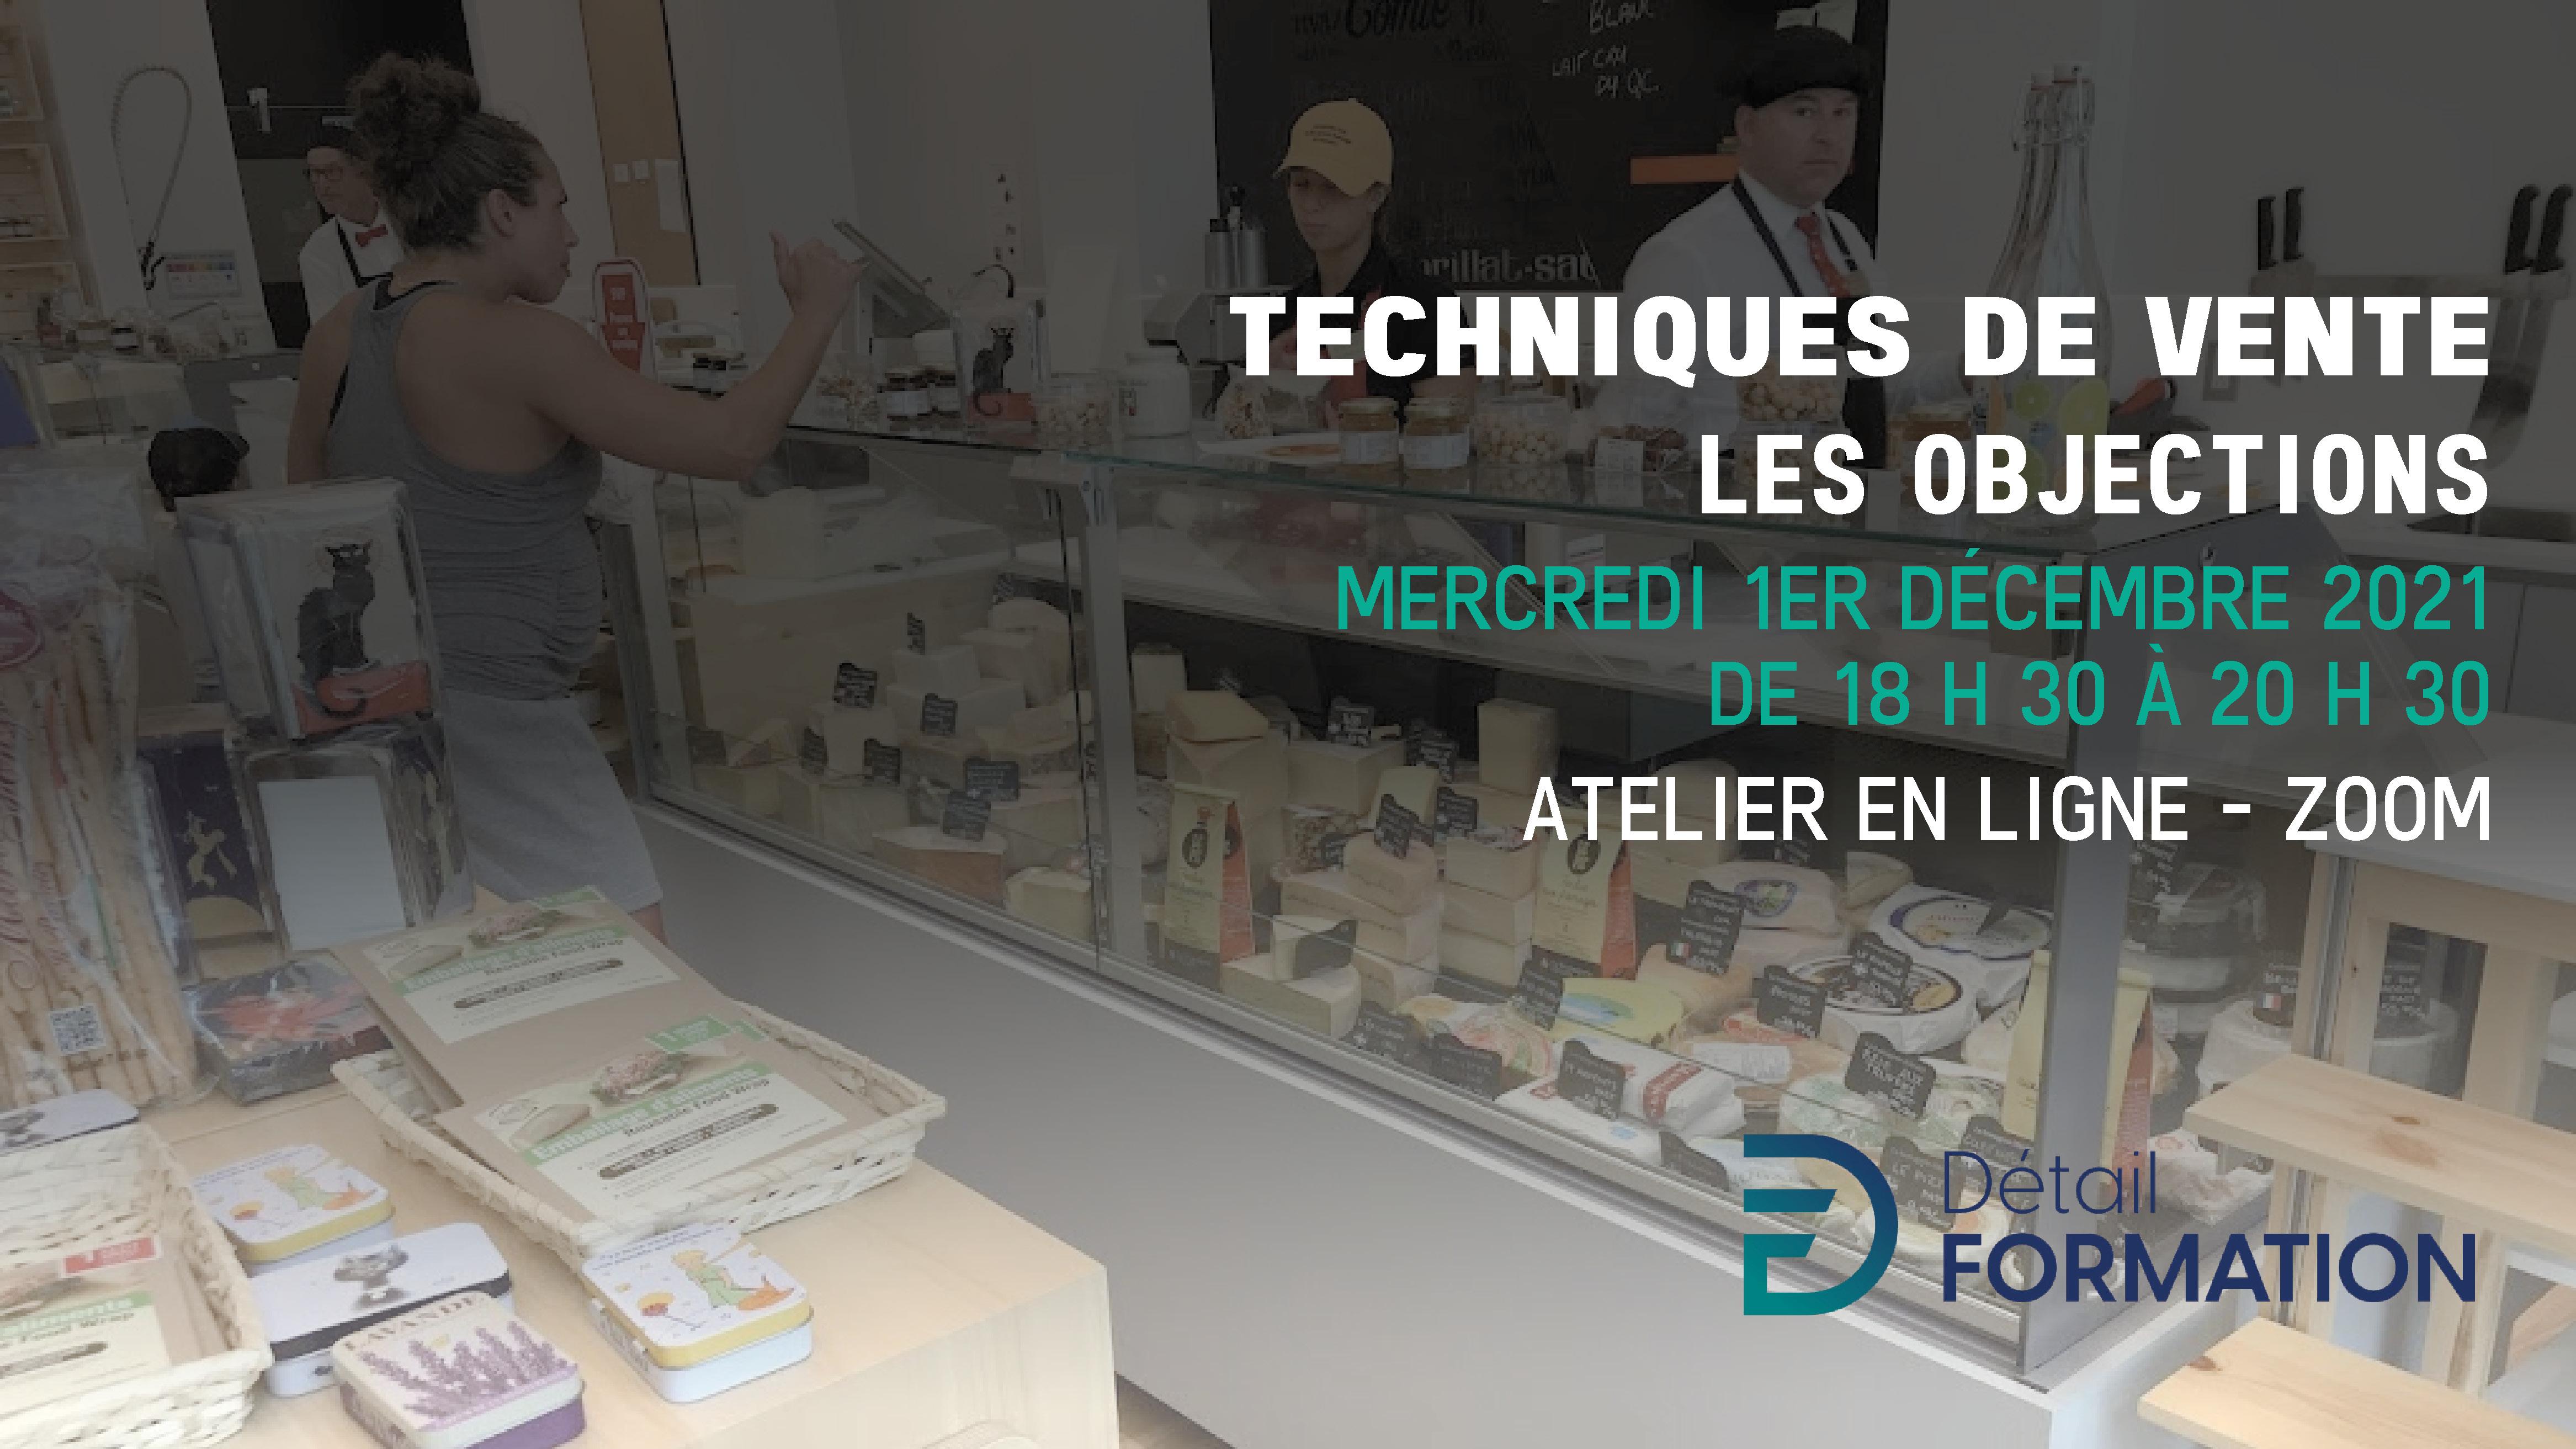 Photo Atelier DF - Techniques de vente - Les objections